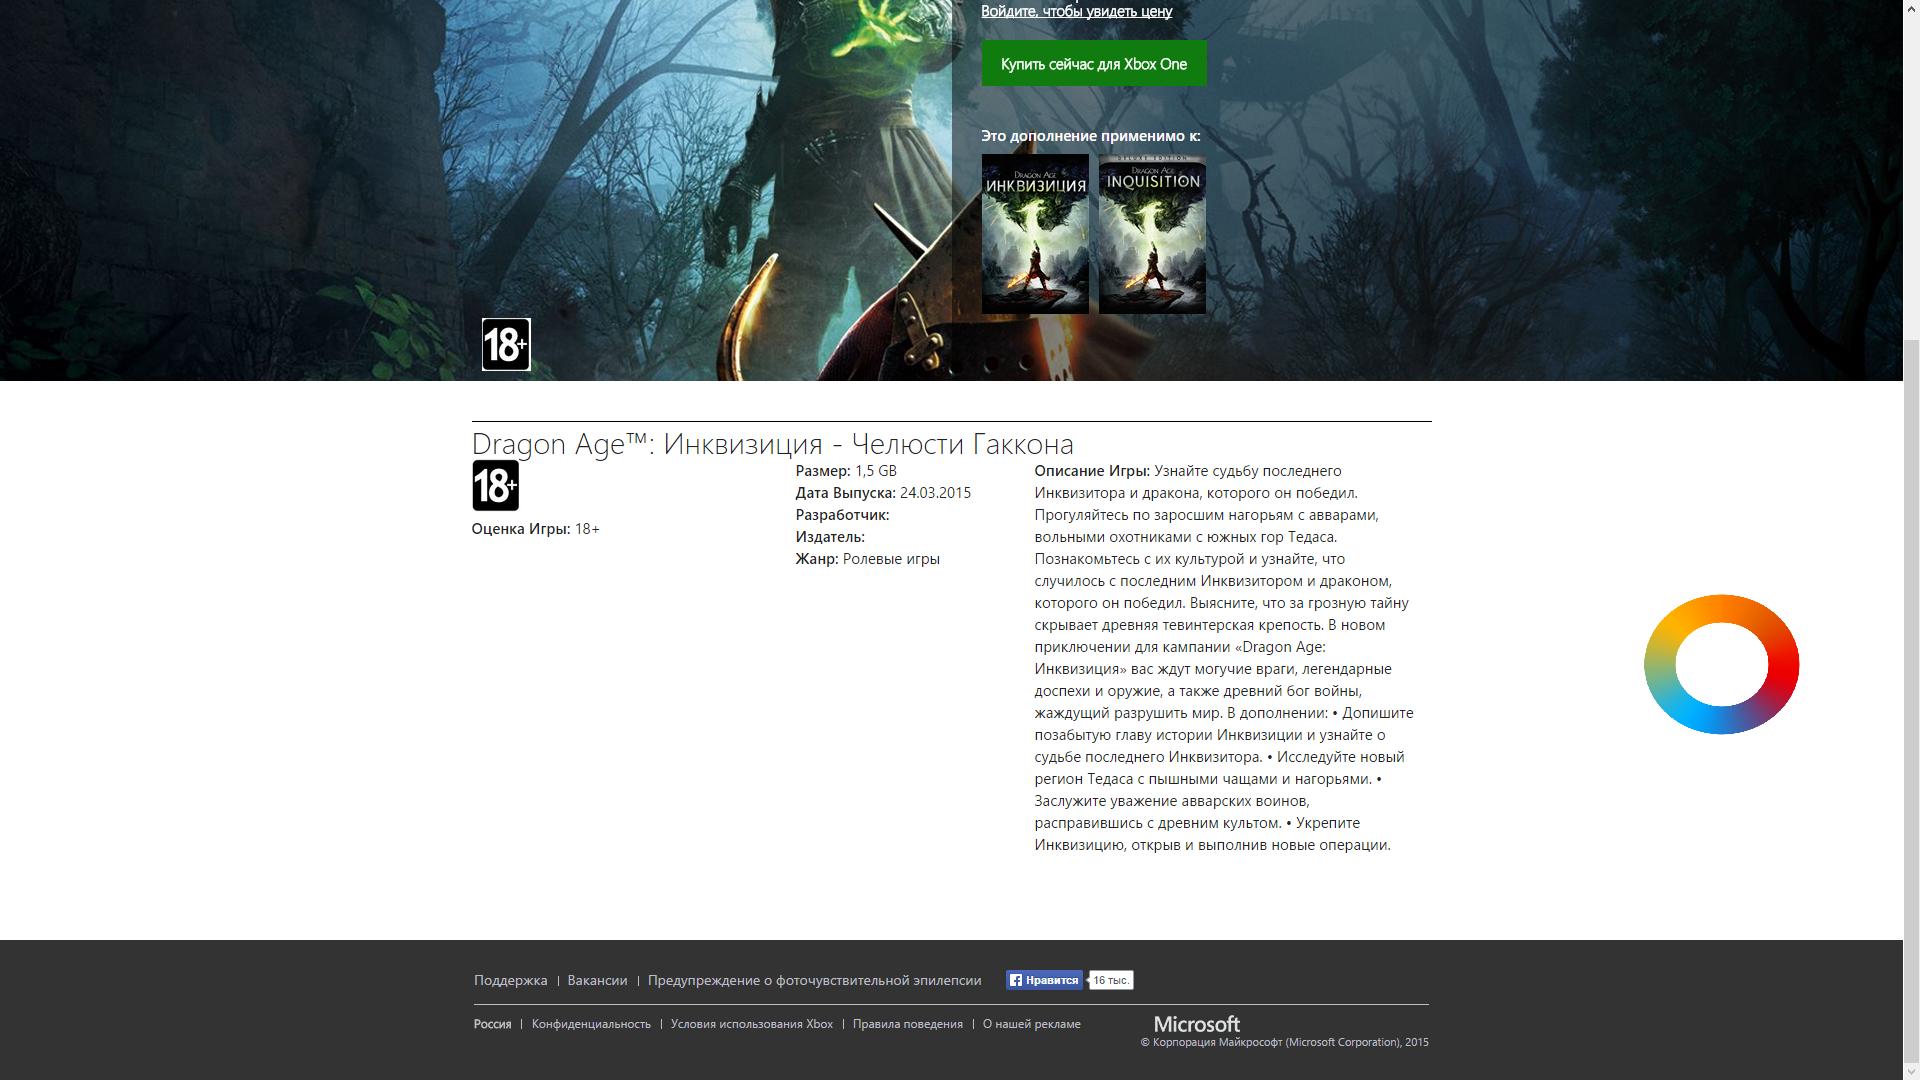 Первое сюжетное дополнение для Dragon Age: Inquisition стало по ошибке доступно для покупки в Xbox . - Изображение 3